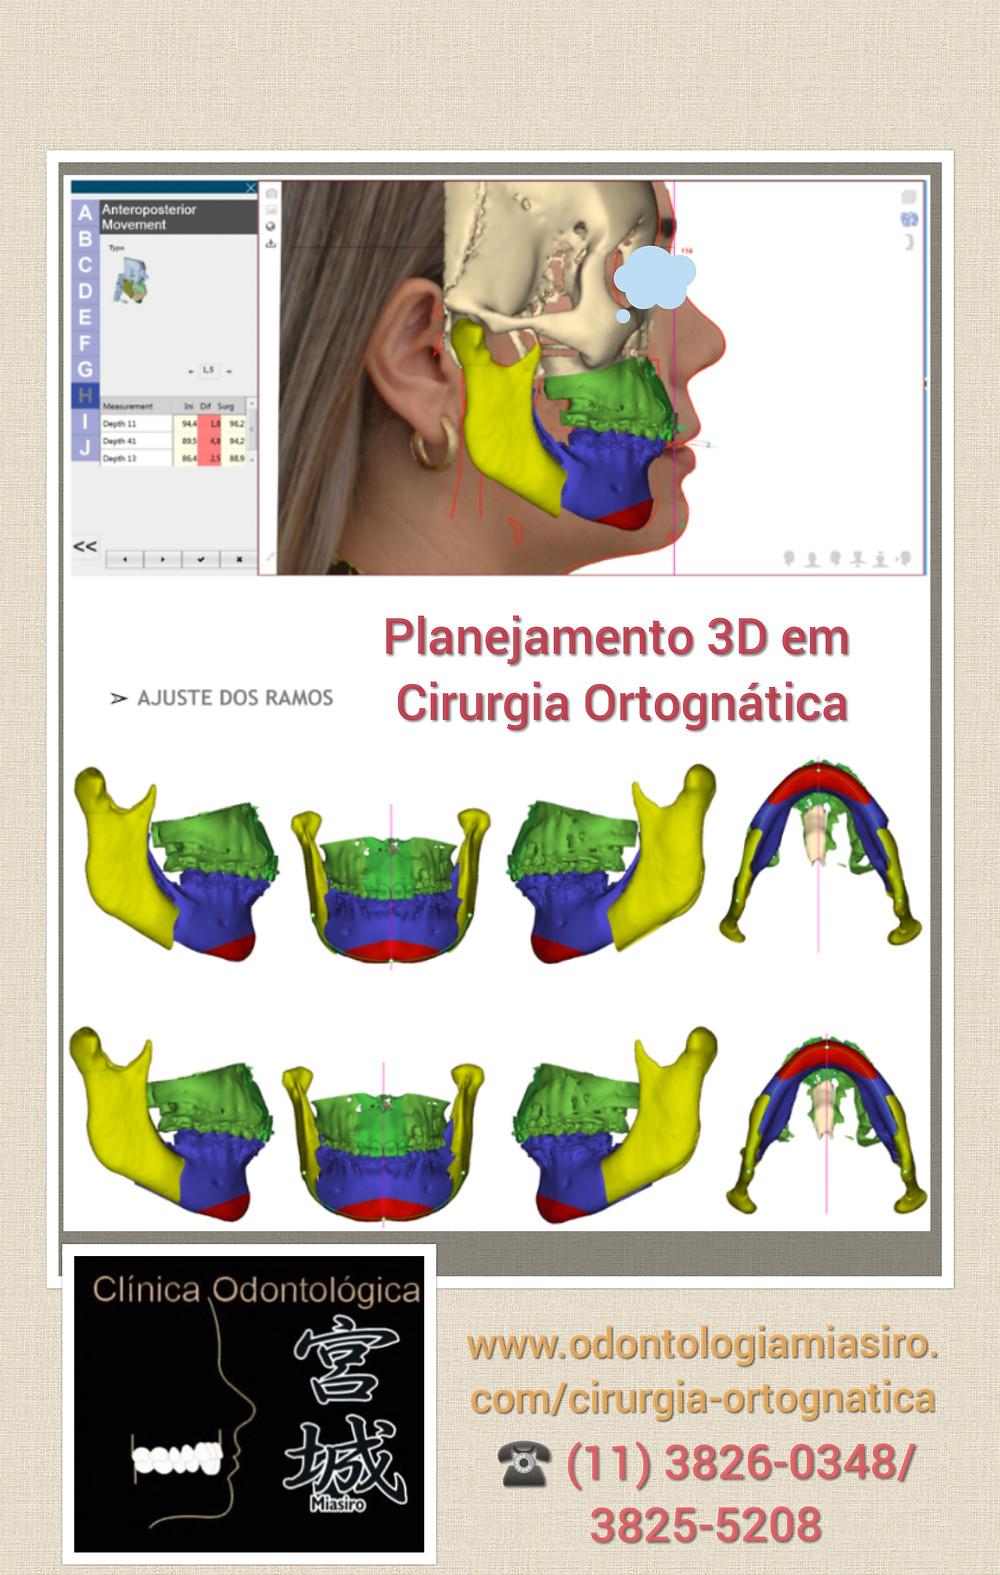 Cirurgia Ortognática | ww.odontologiamiasiro.com